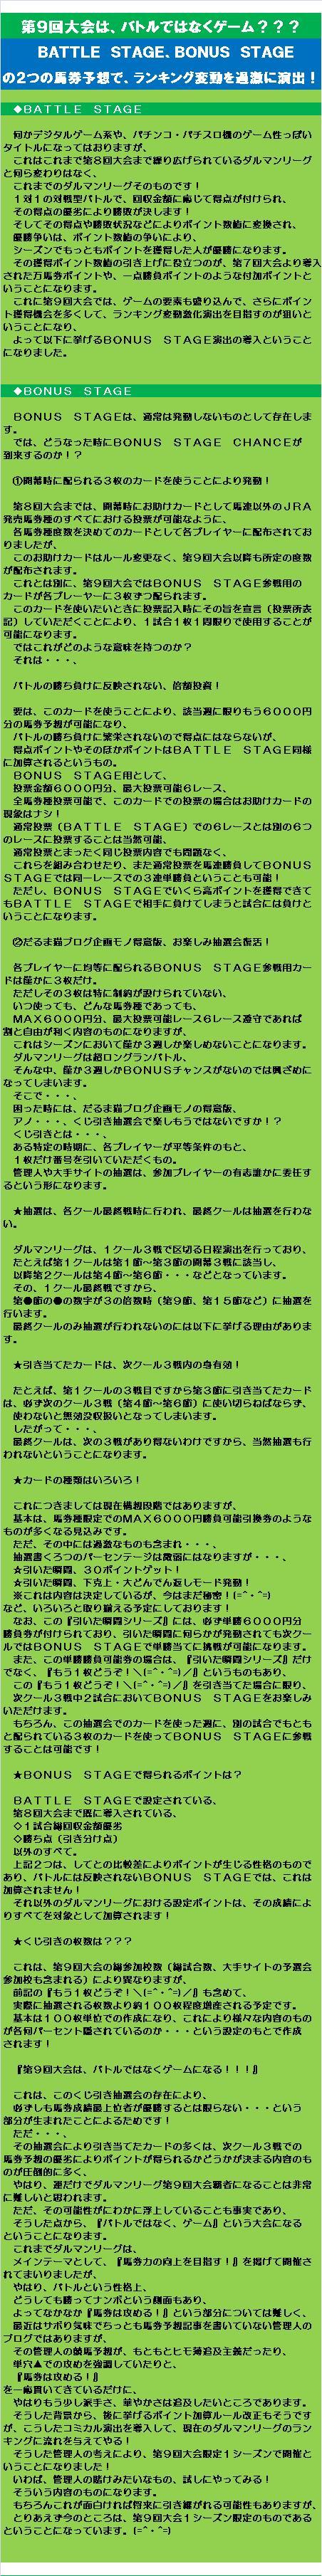 20170328・第9回大会ルール改正②.jpg